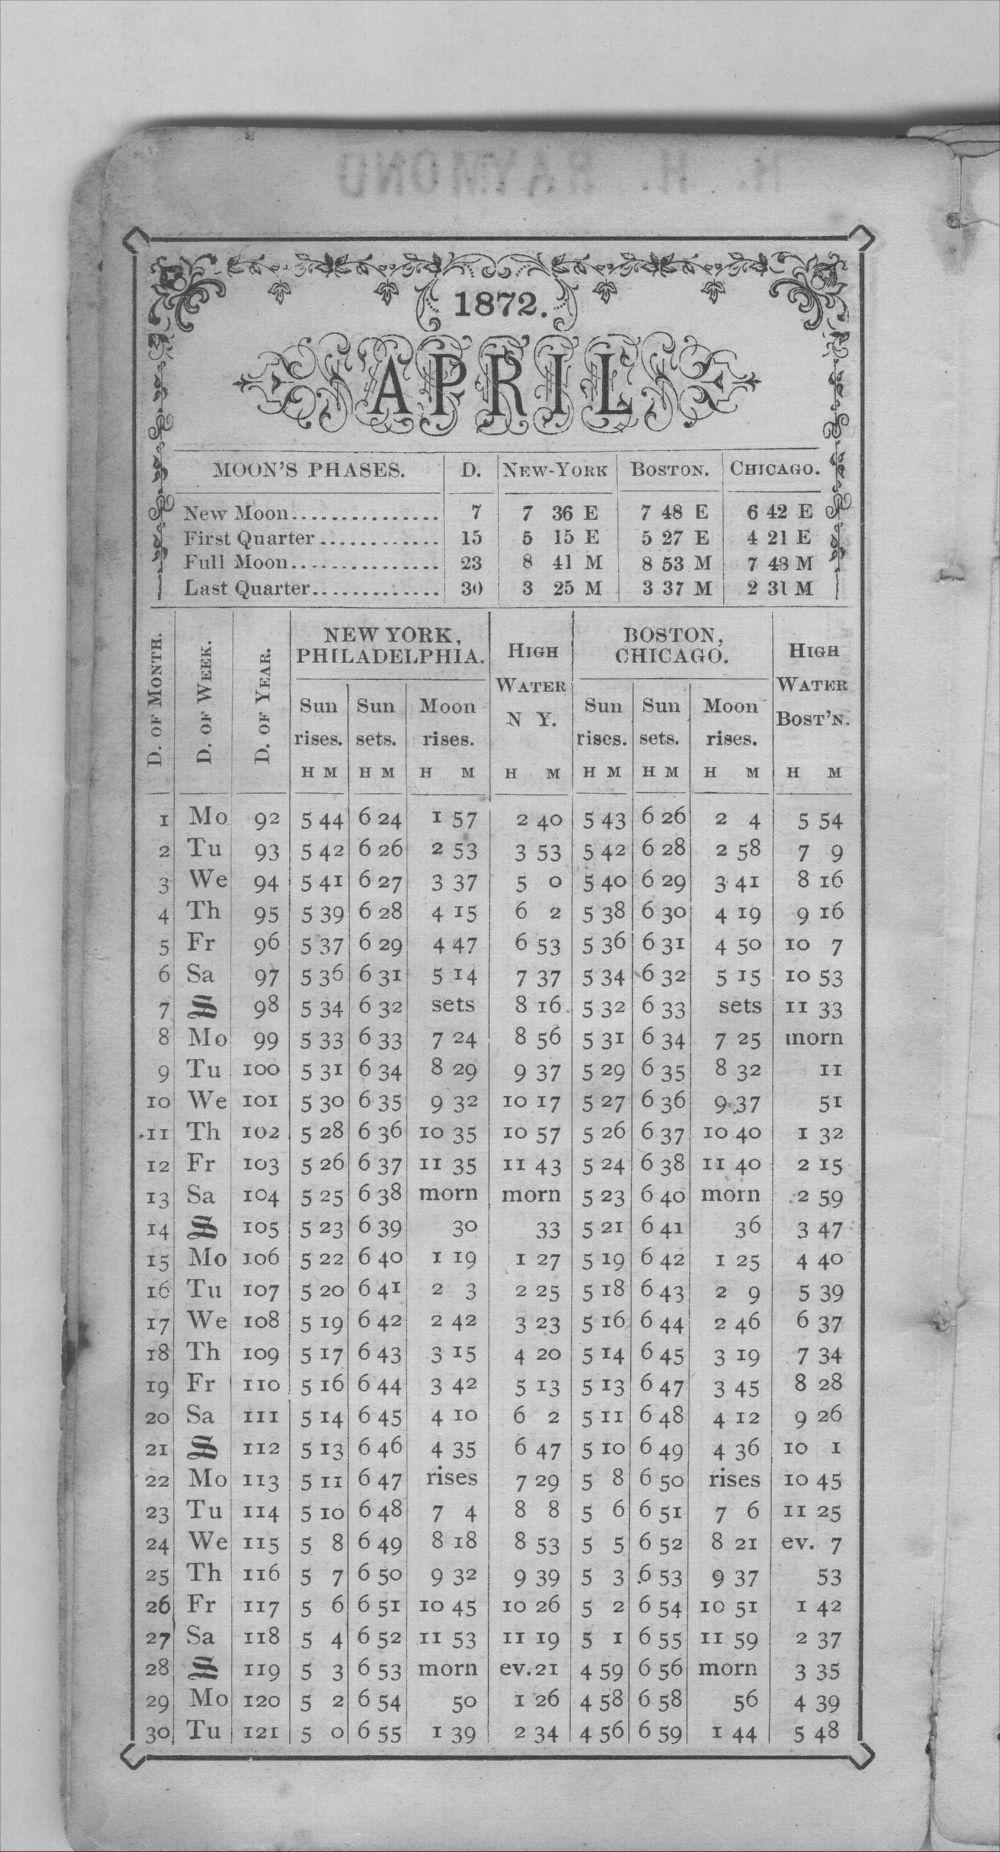 Henry Raymond diary - Apr Calendar